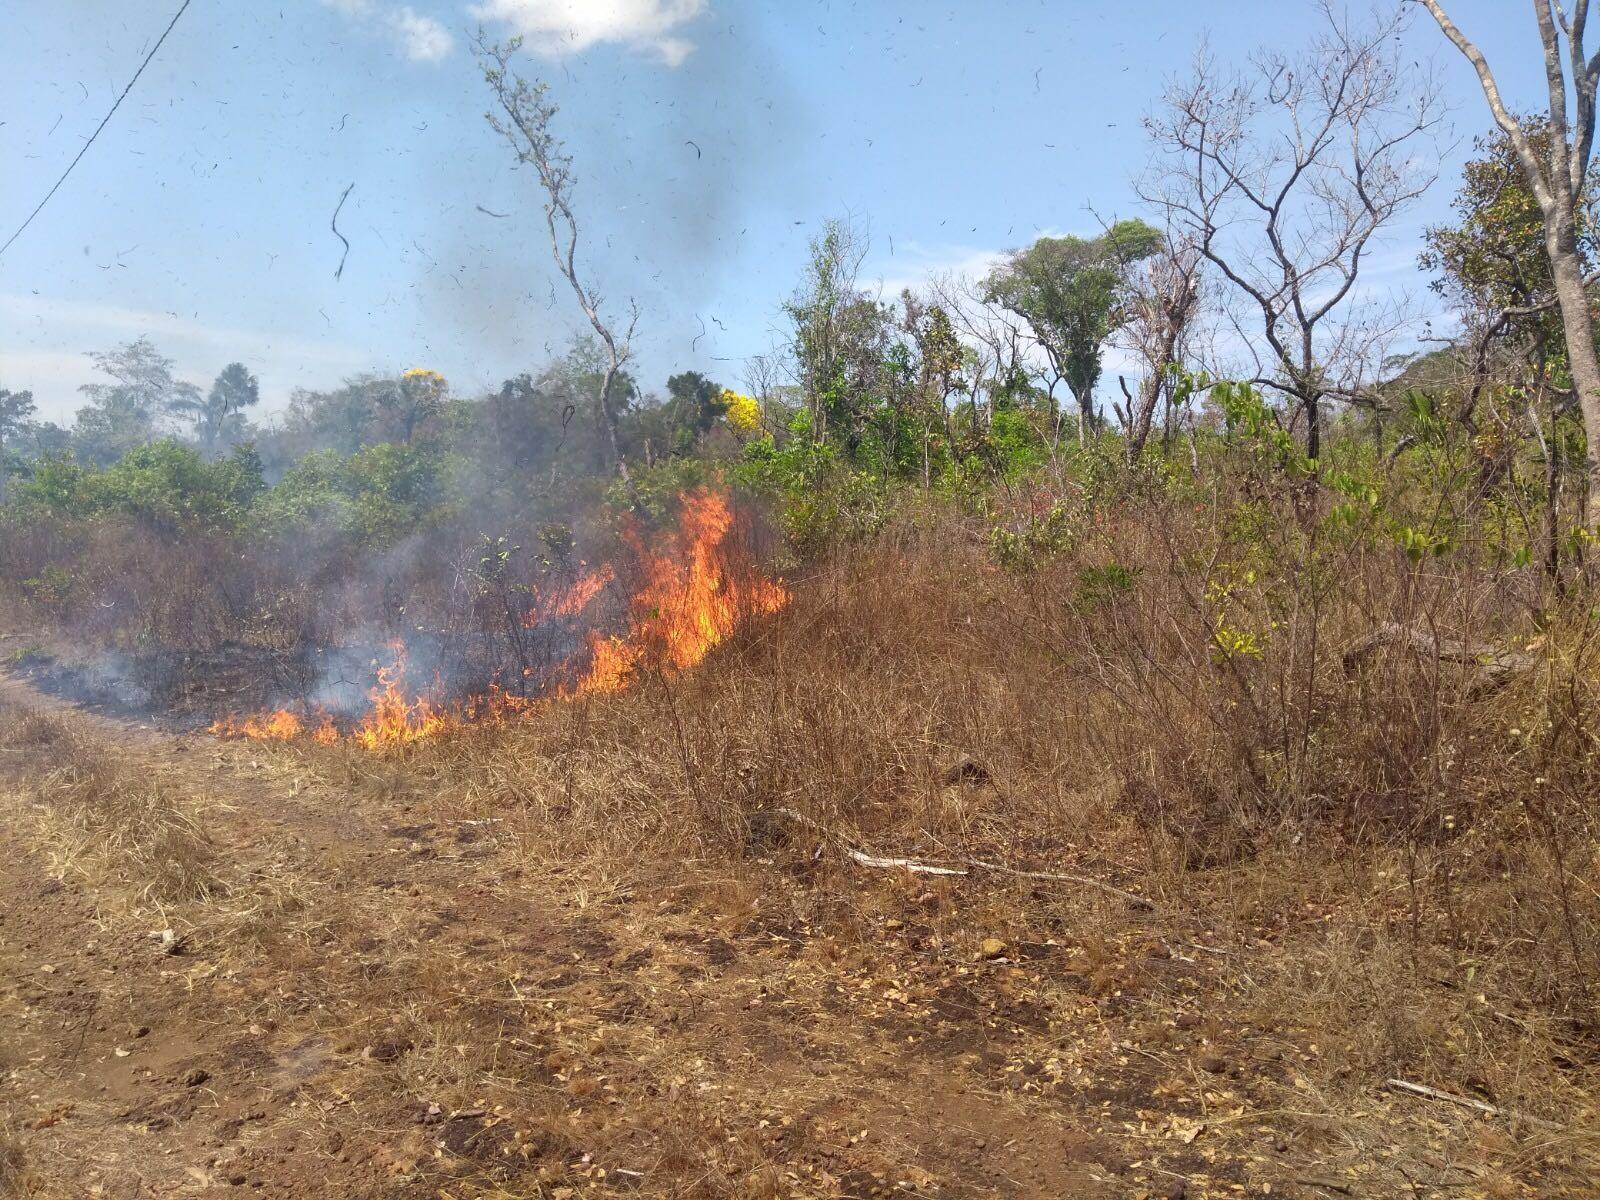 Homens são presos por causar incêndio na serra do Lajeado ao colocar fogo em entulho